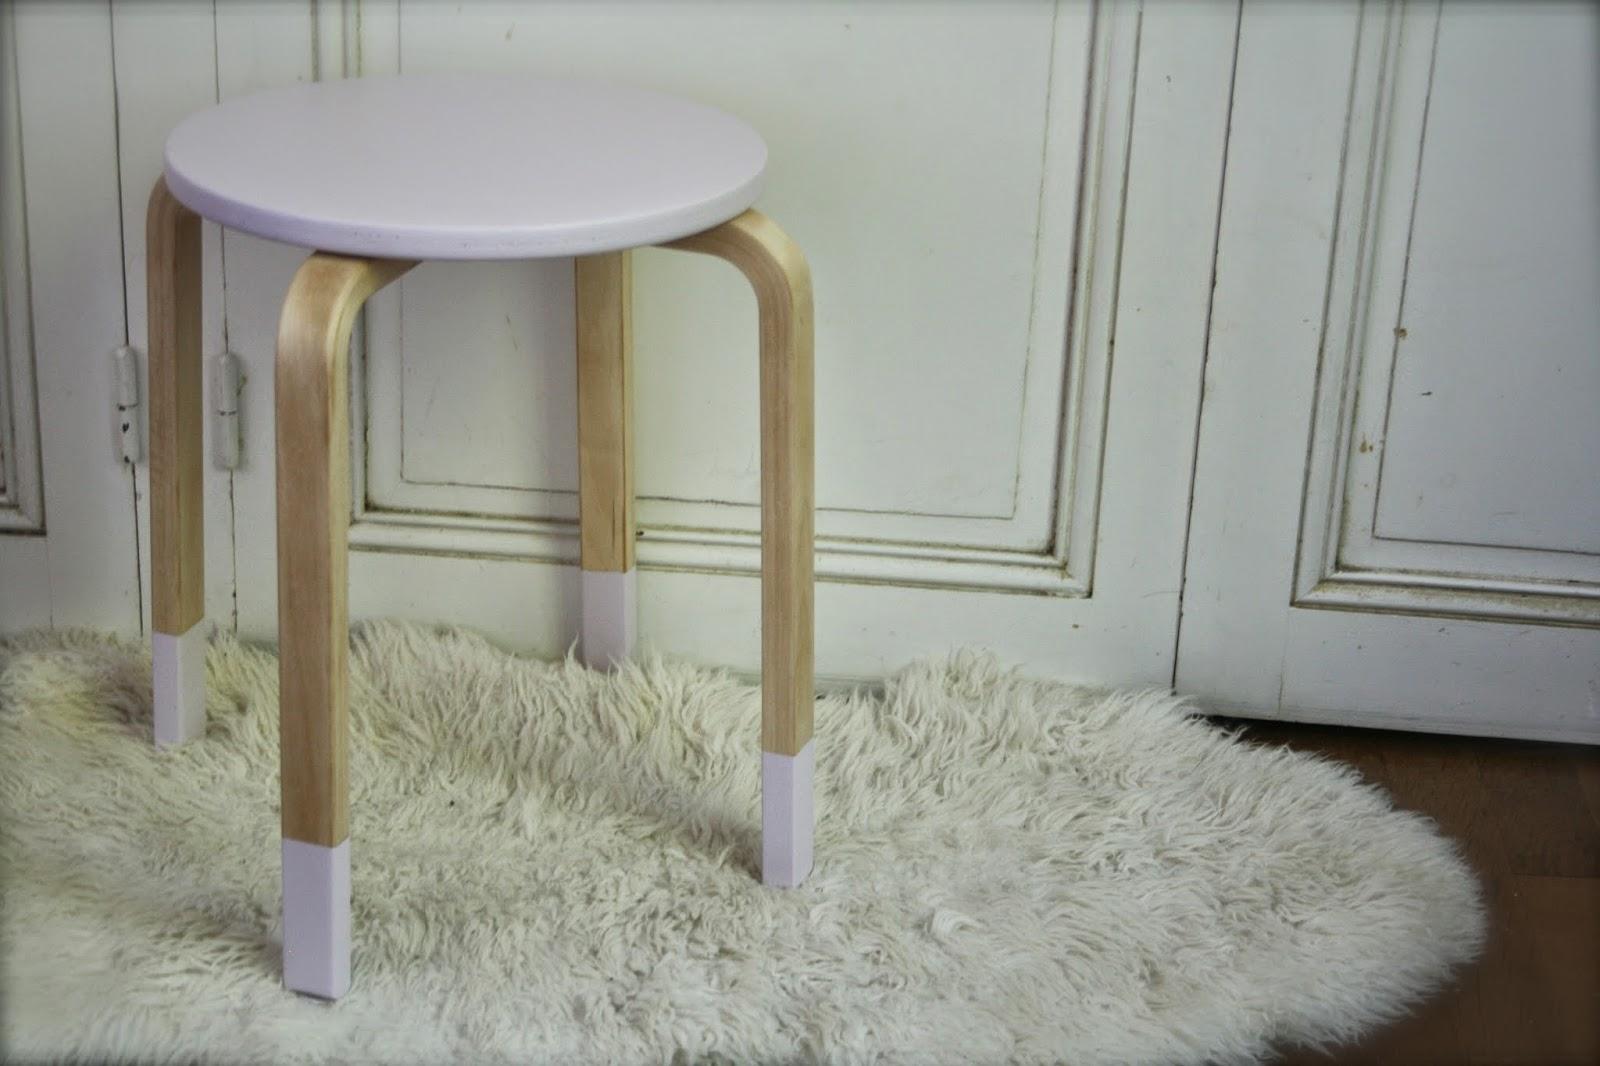 Noix De Cocoon Relooking De Tabouret Ikea 1